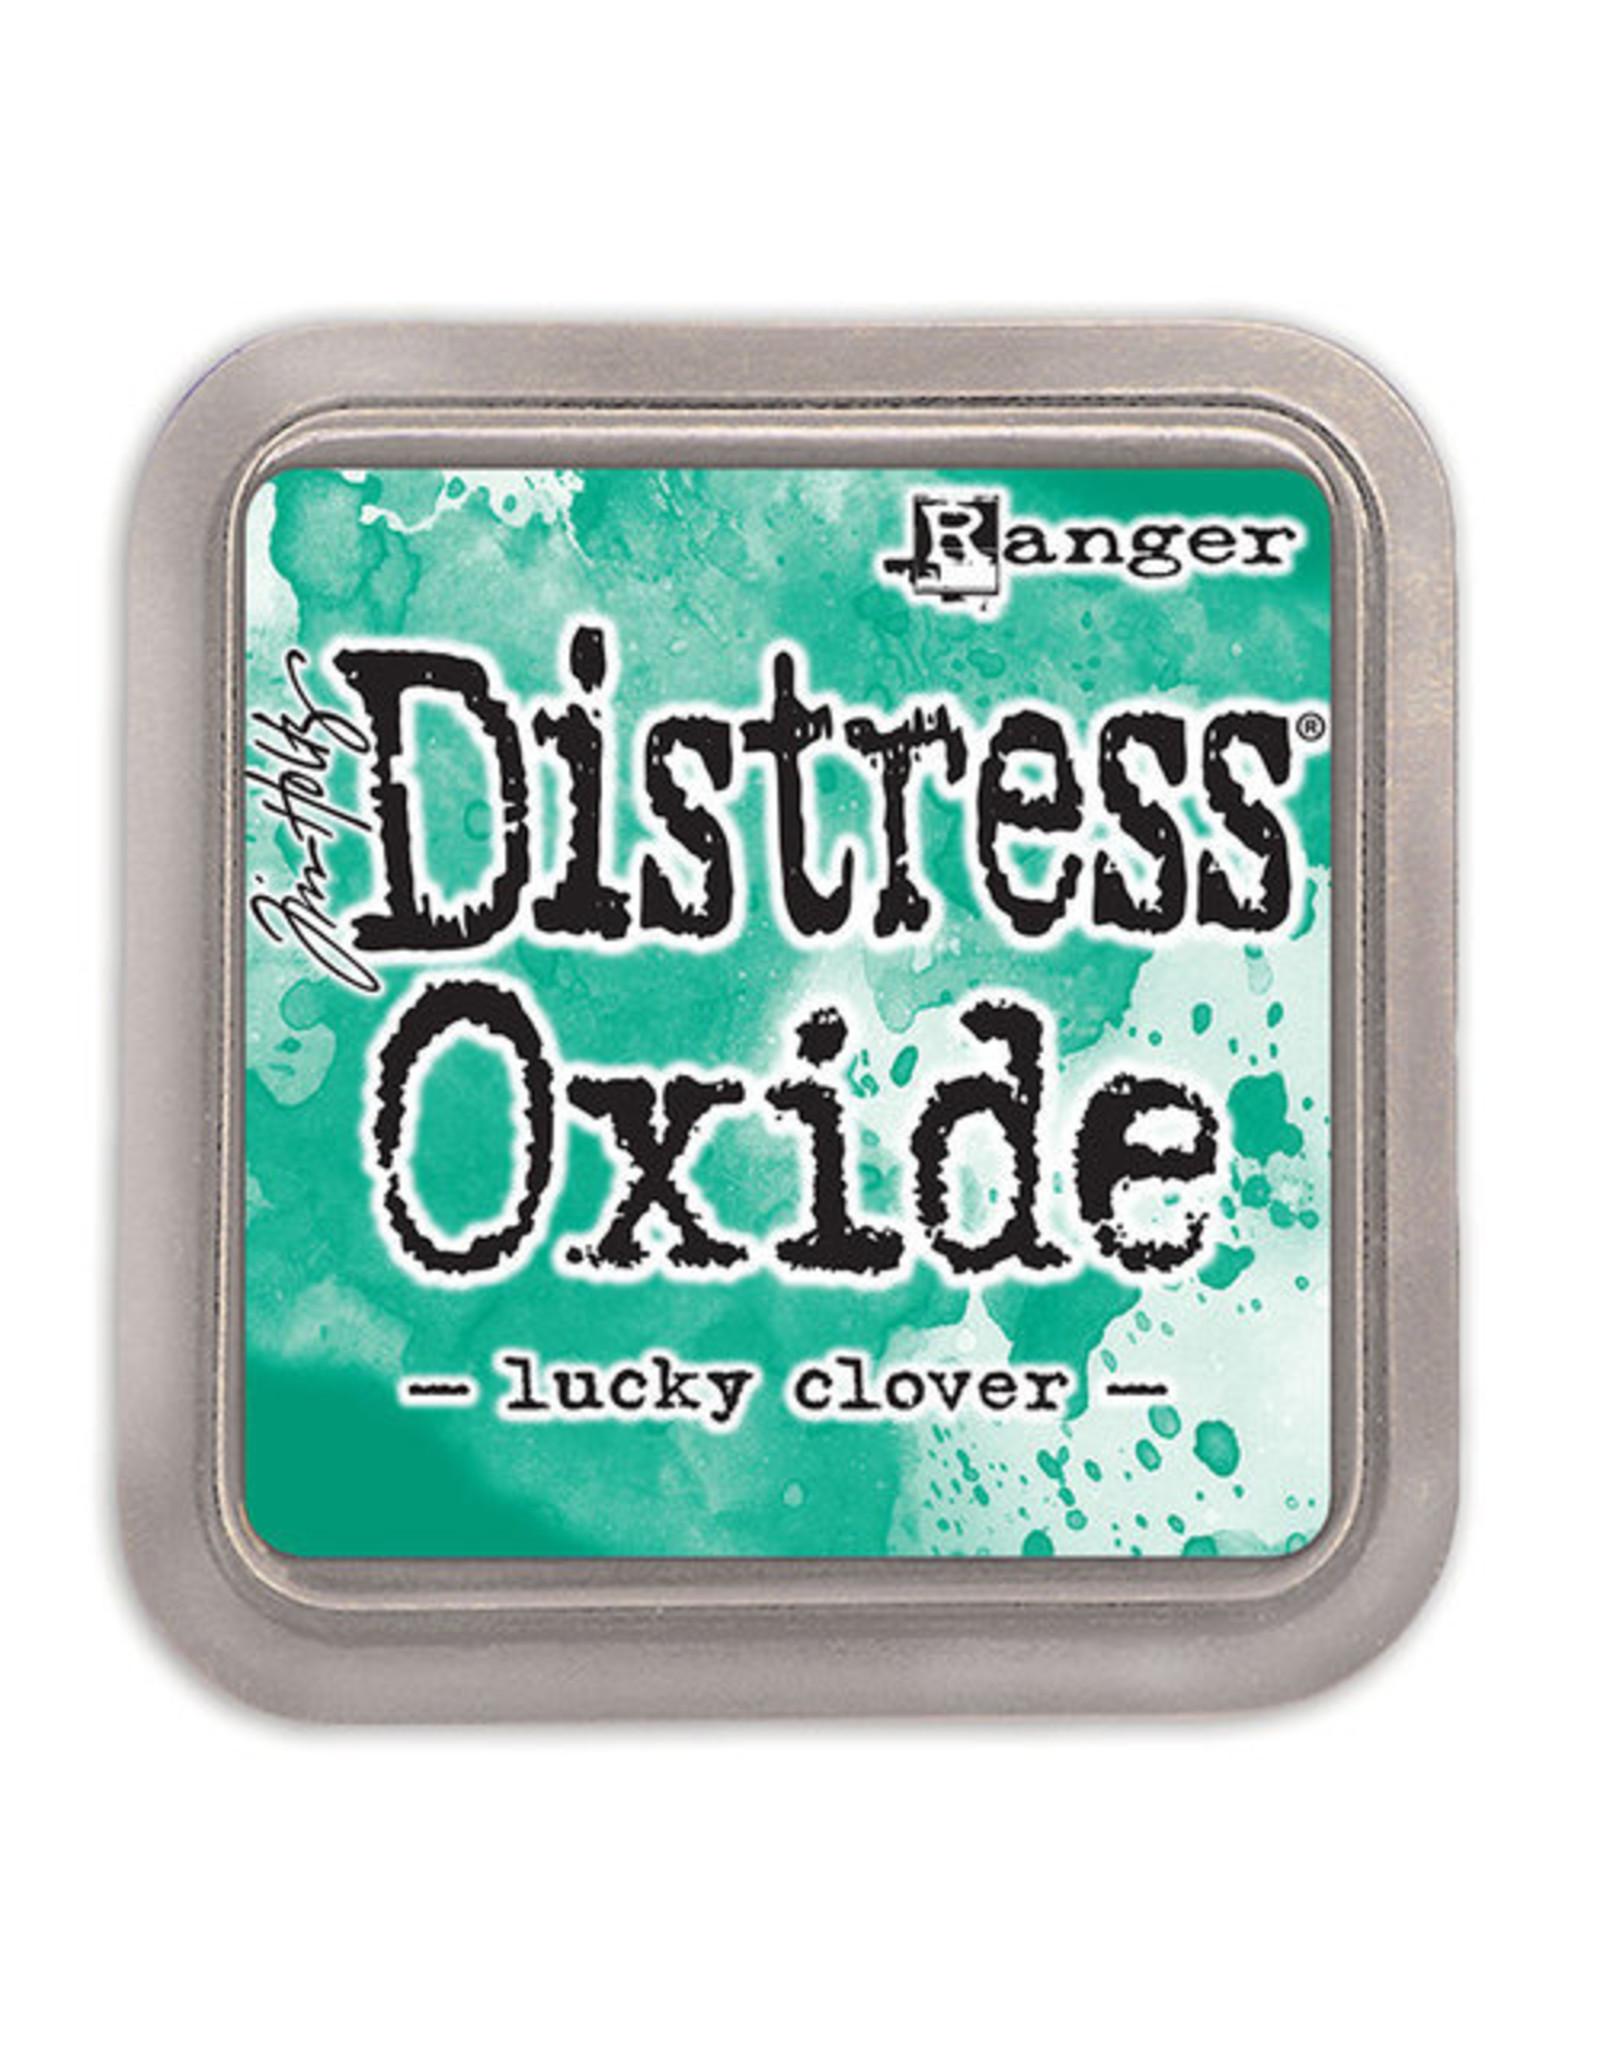 Ranger Distress Oxide Ink Pad - Lucky Clover